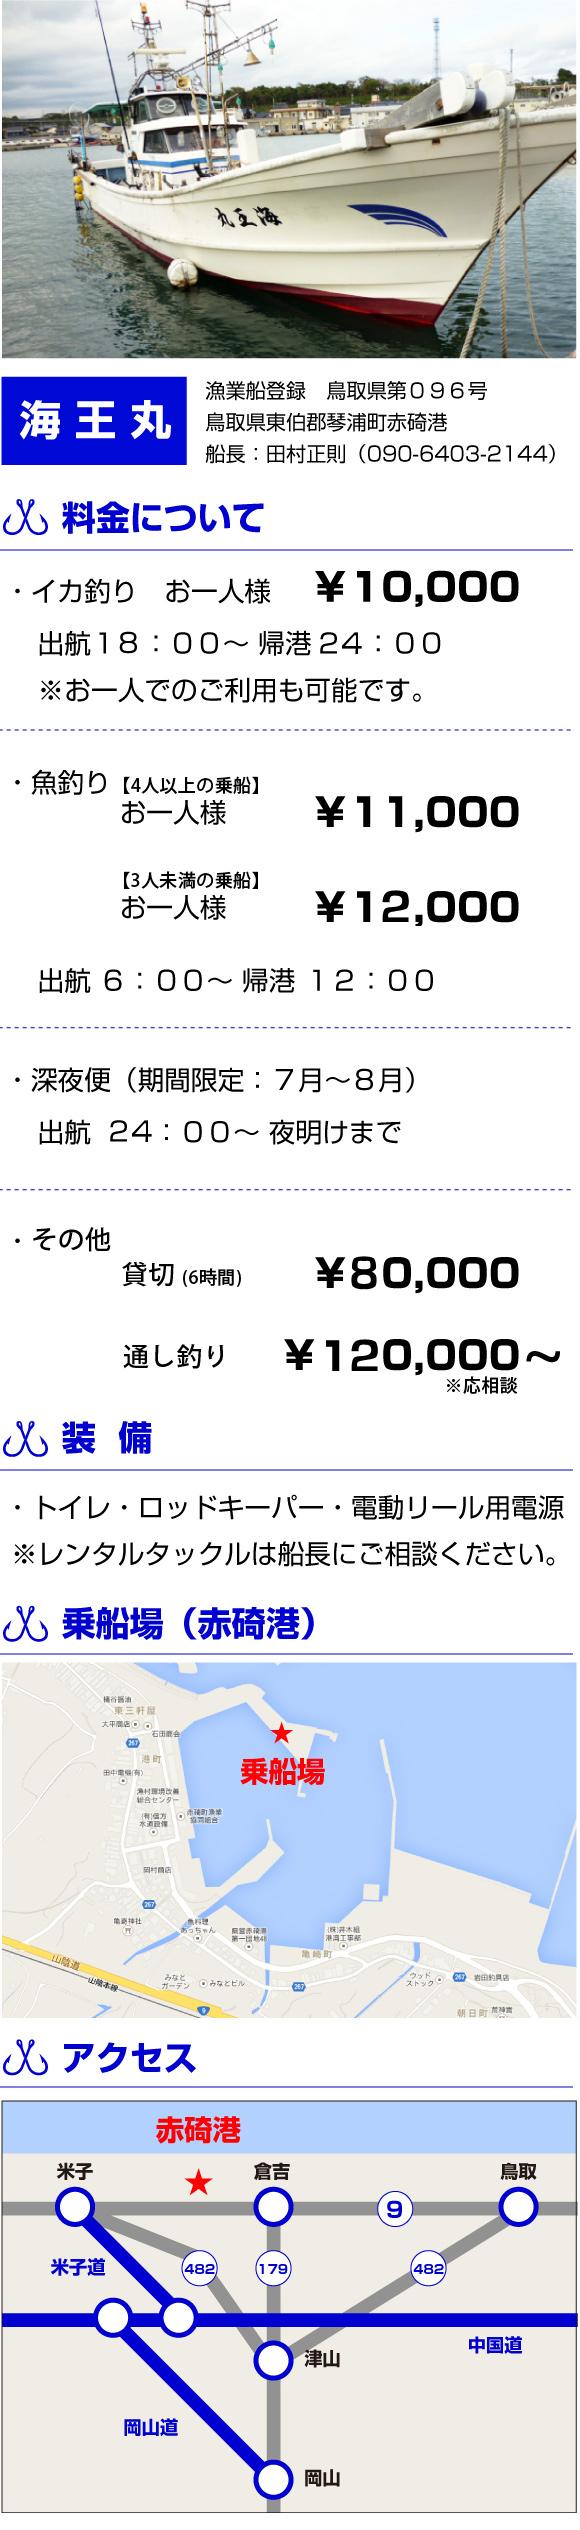 b0225159_1512589.jpg